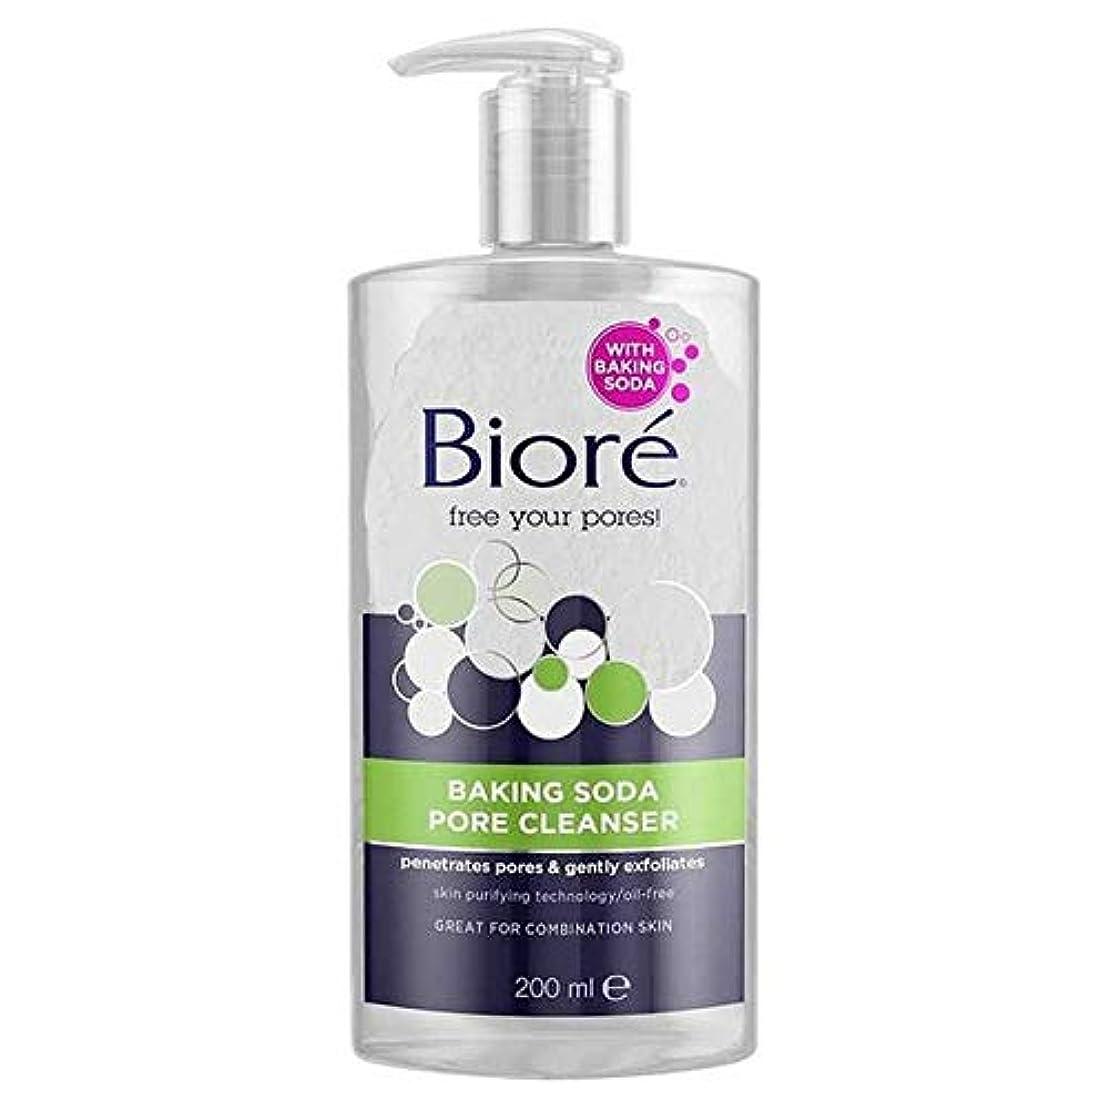 ログみにじみ出る[Biore ] ビオレベーキングソーダポアクレンザーの200ミリリットル - Biore Baking Soda Pore Cleanser 200ml [並行輸入品]